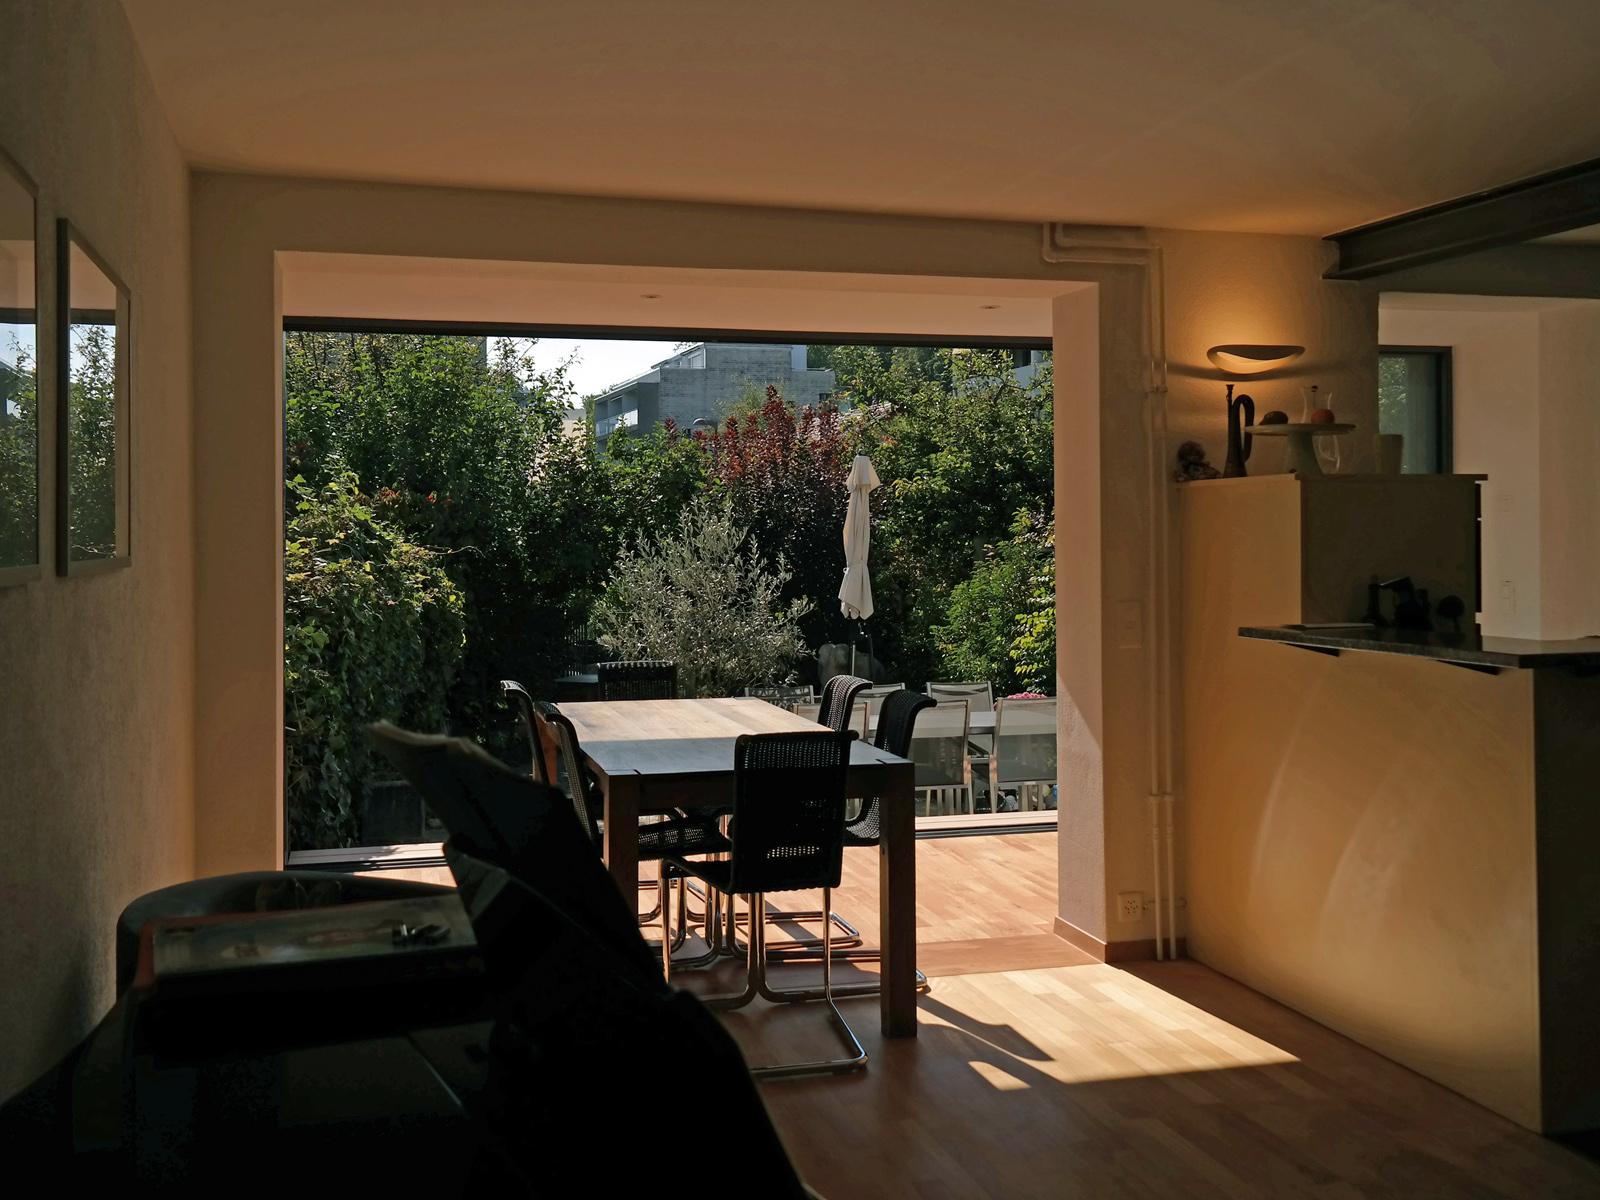 kleiner anbau aus holz. Black Bedroom Furniture Sets. Home Design Ideas